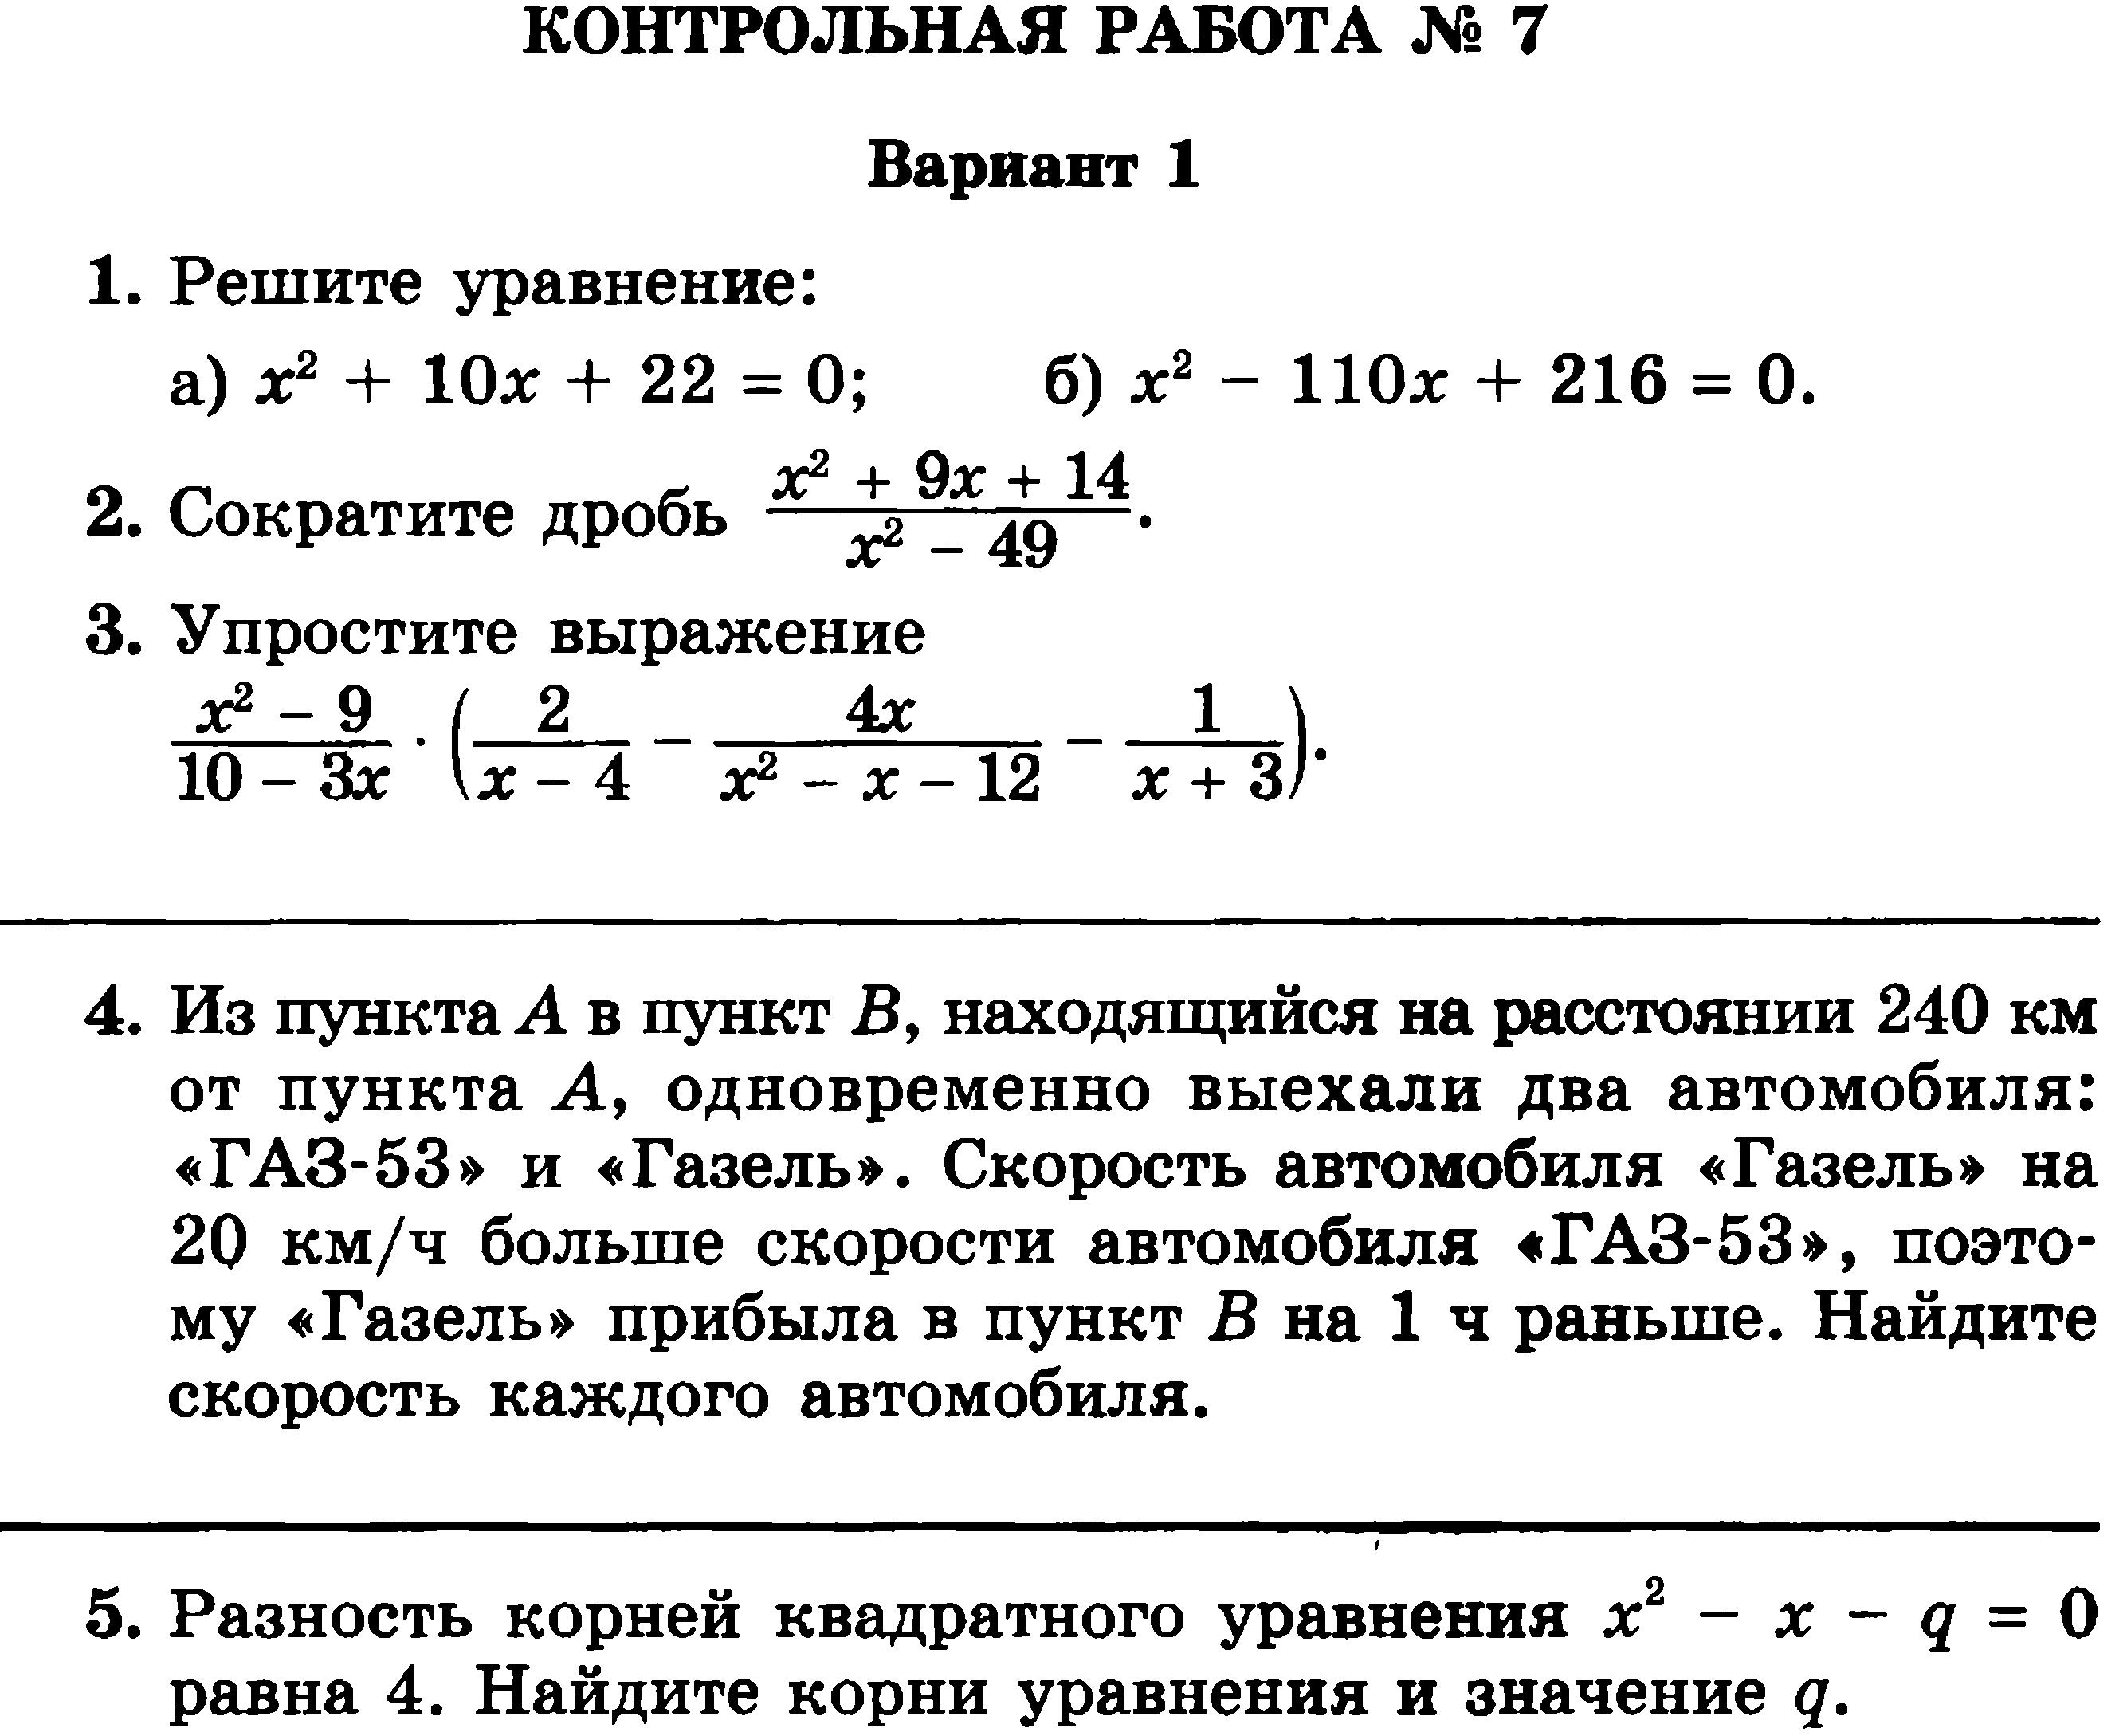 Гдз по физике 5 класс гуревич лабораторные из учебника